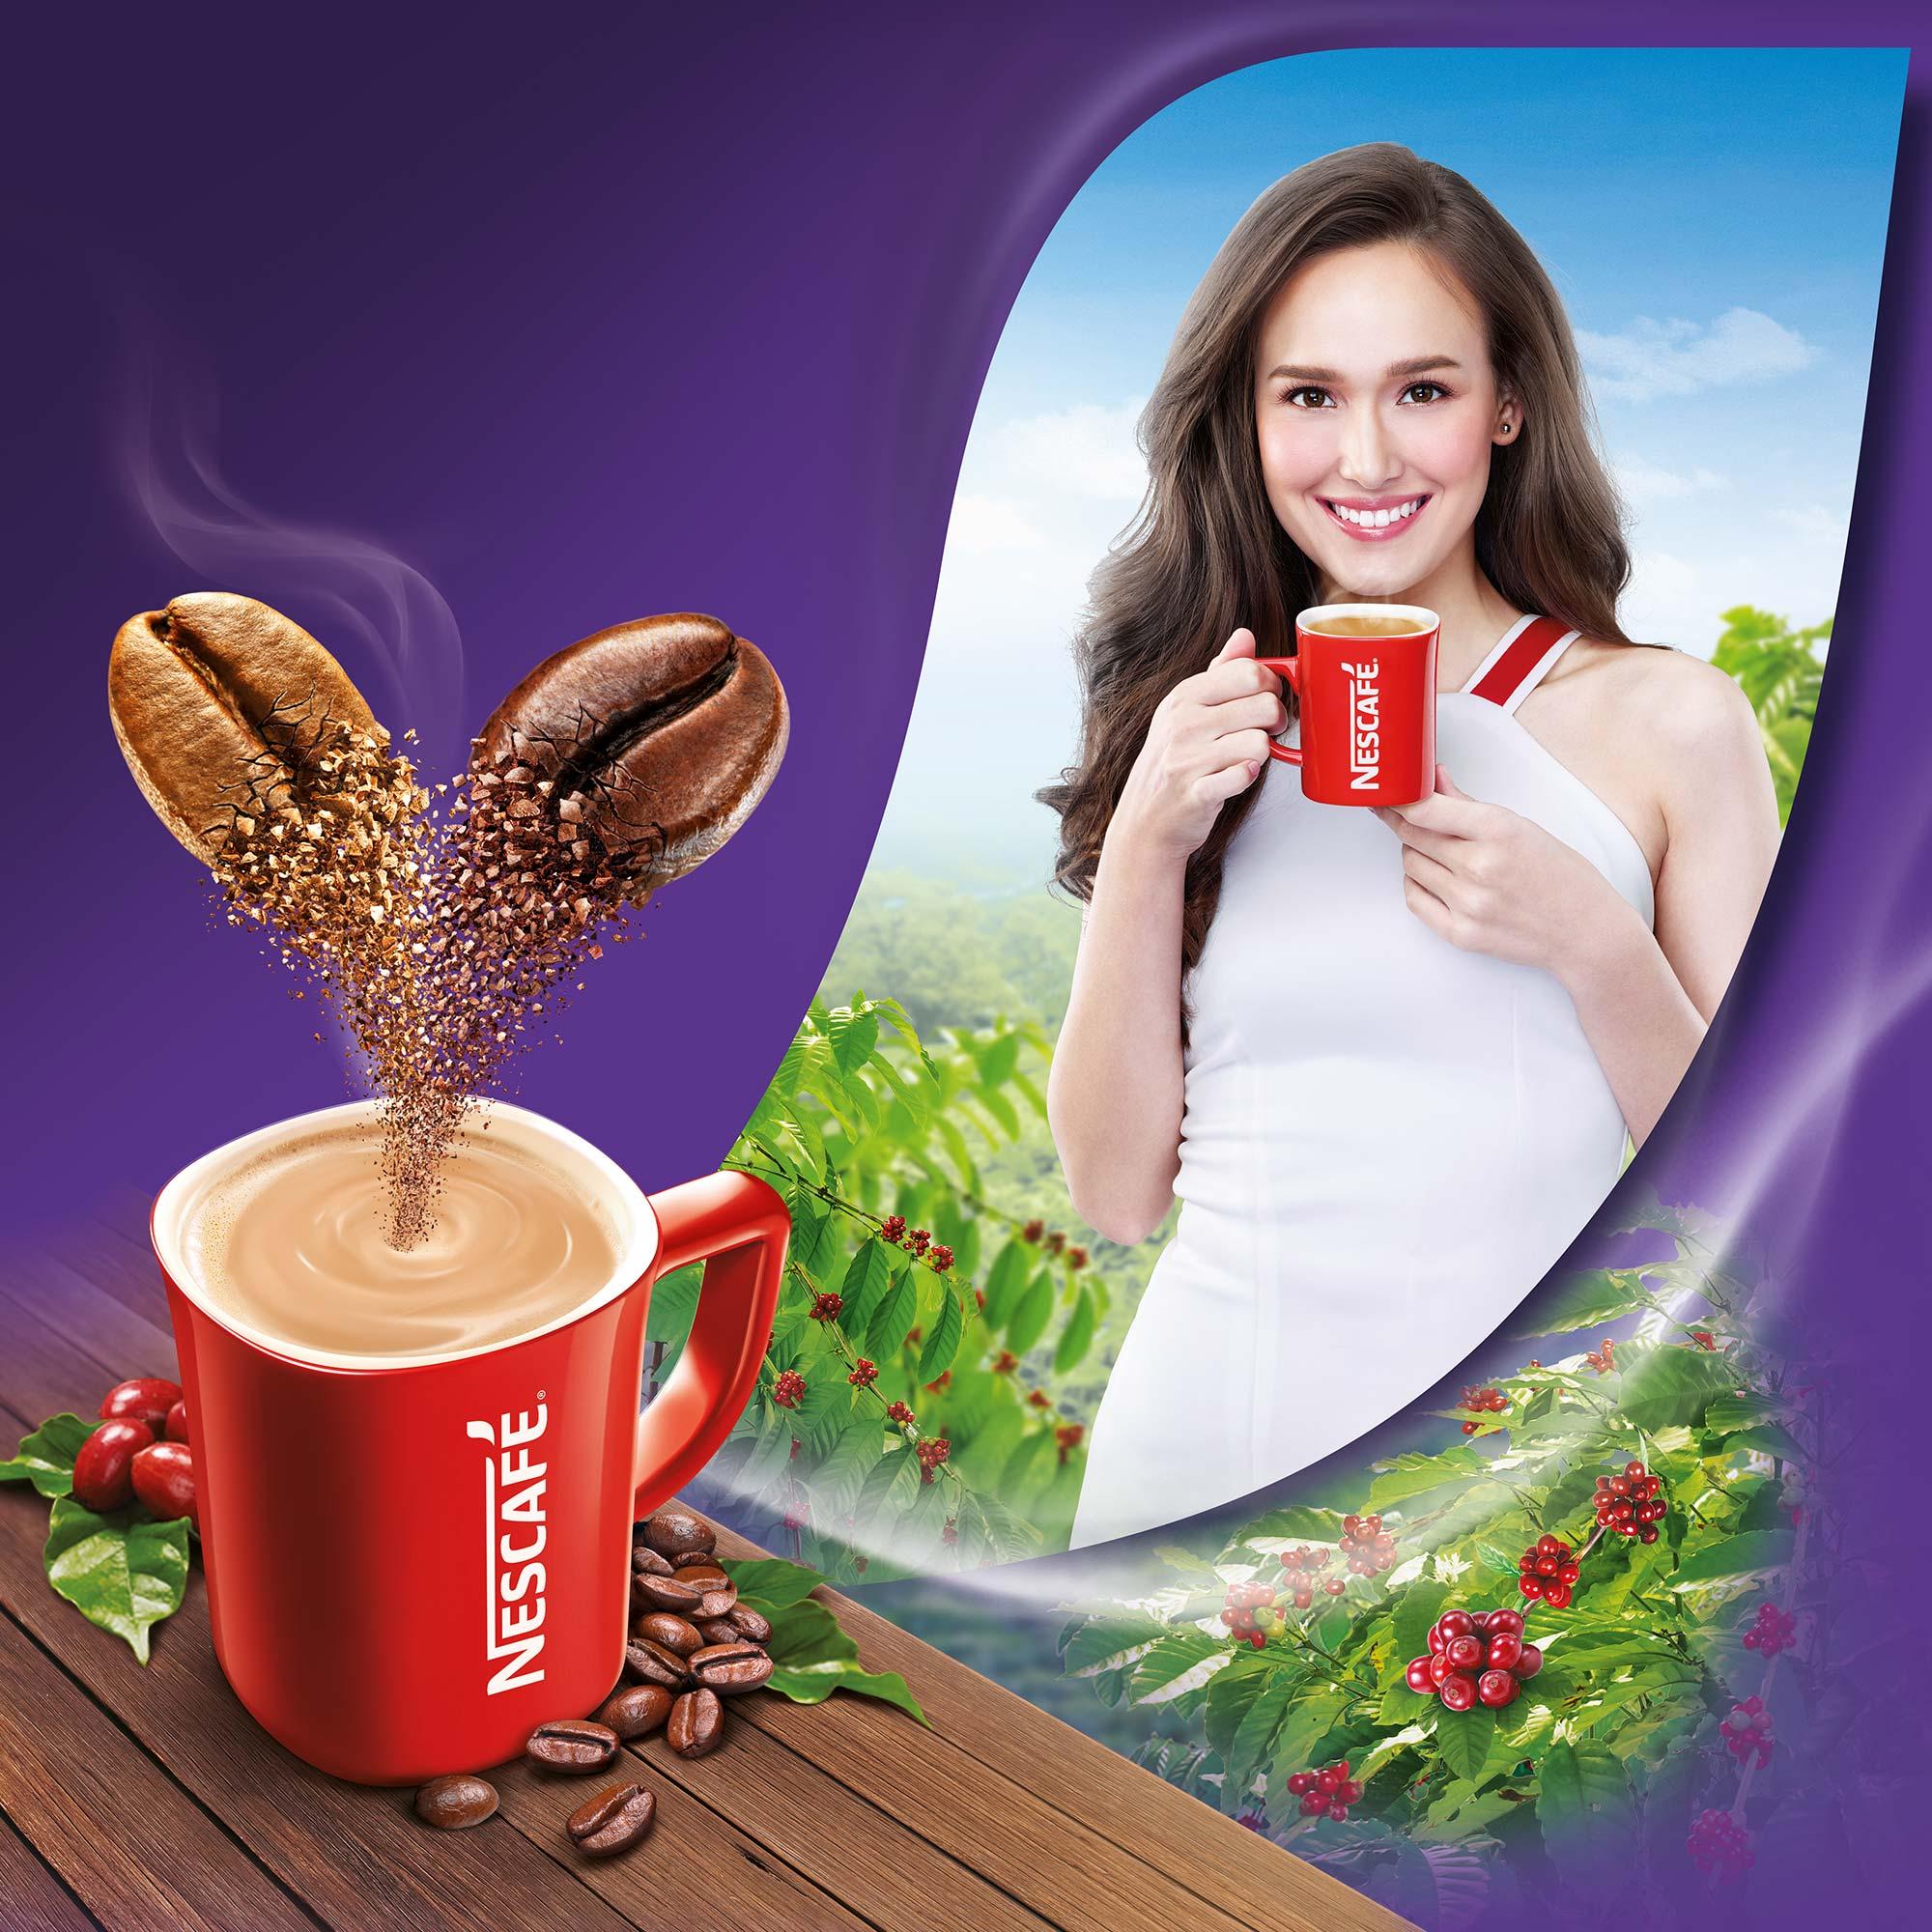 Nescafe Americano Coffee Illustration